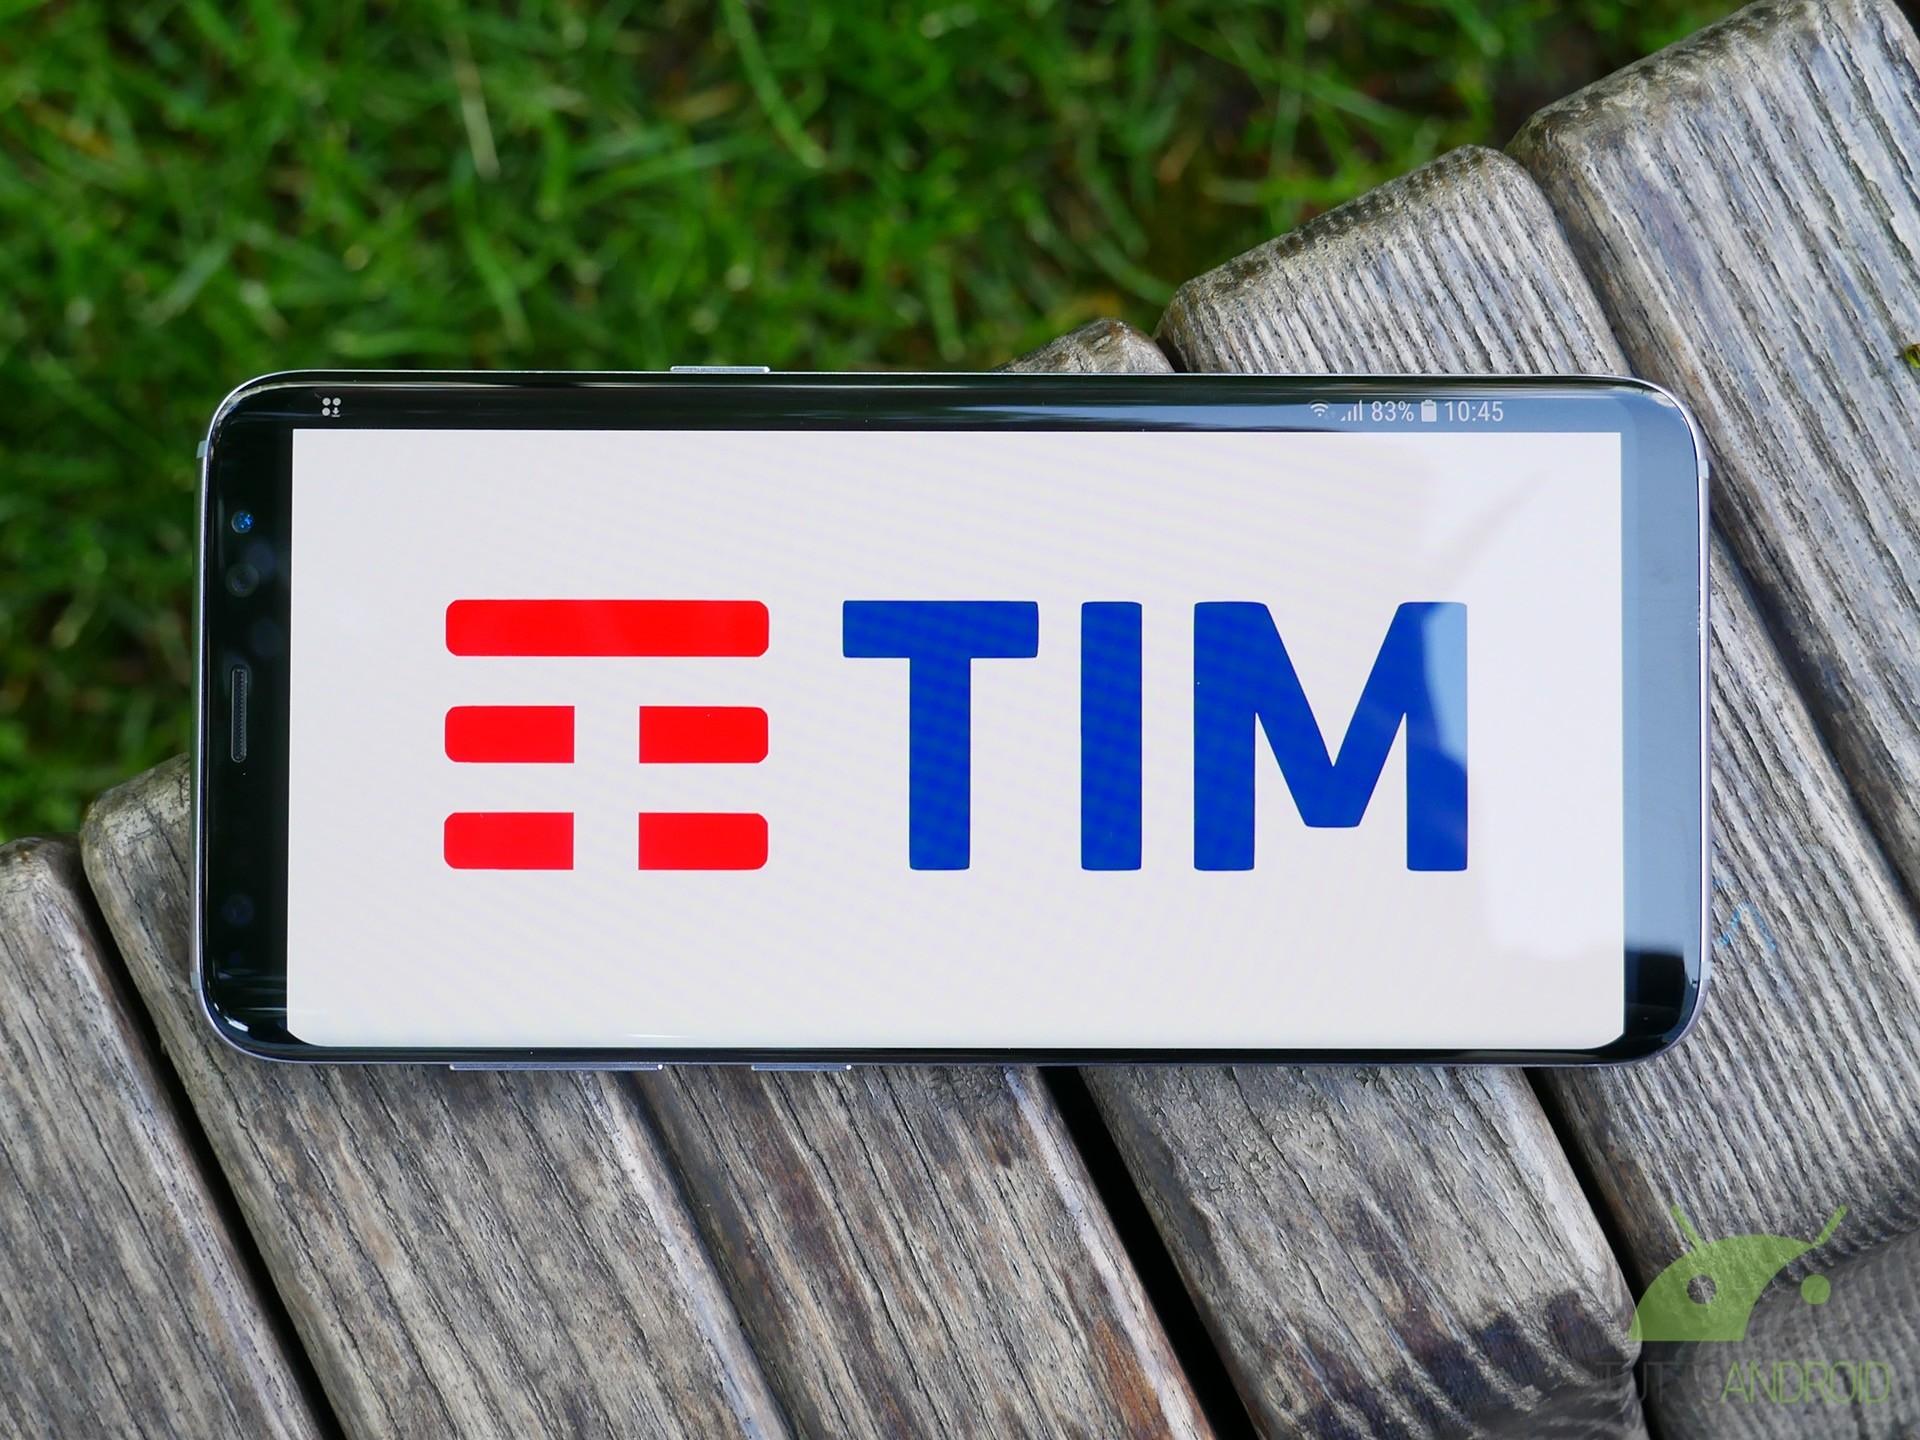 TIM Ricarica Automatica raddoppia il bonus per le nuove atti